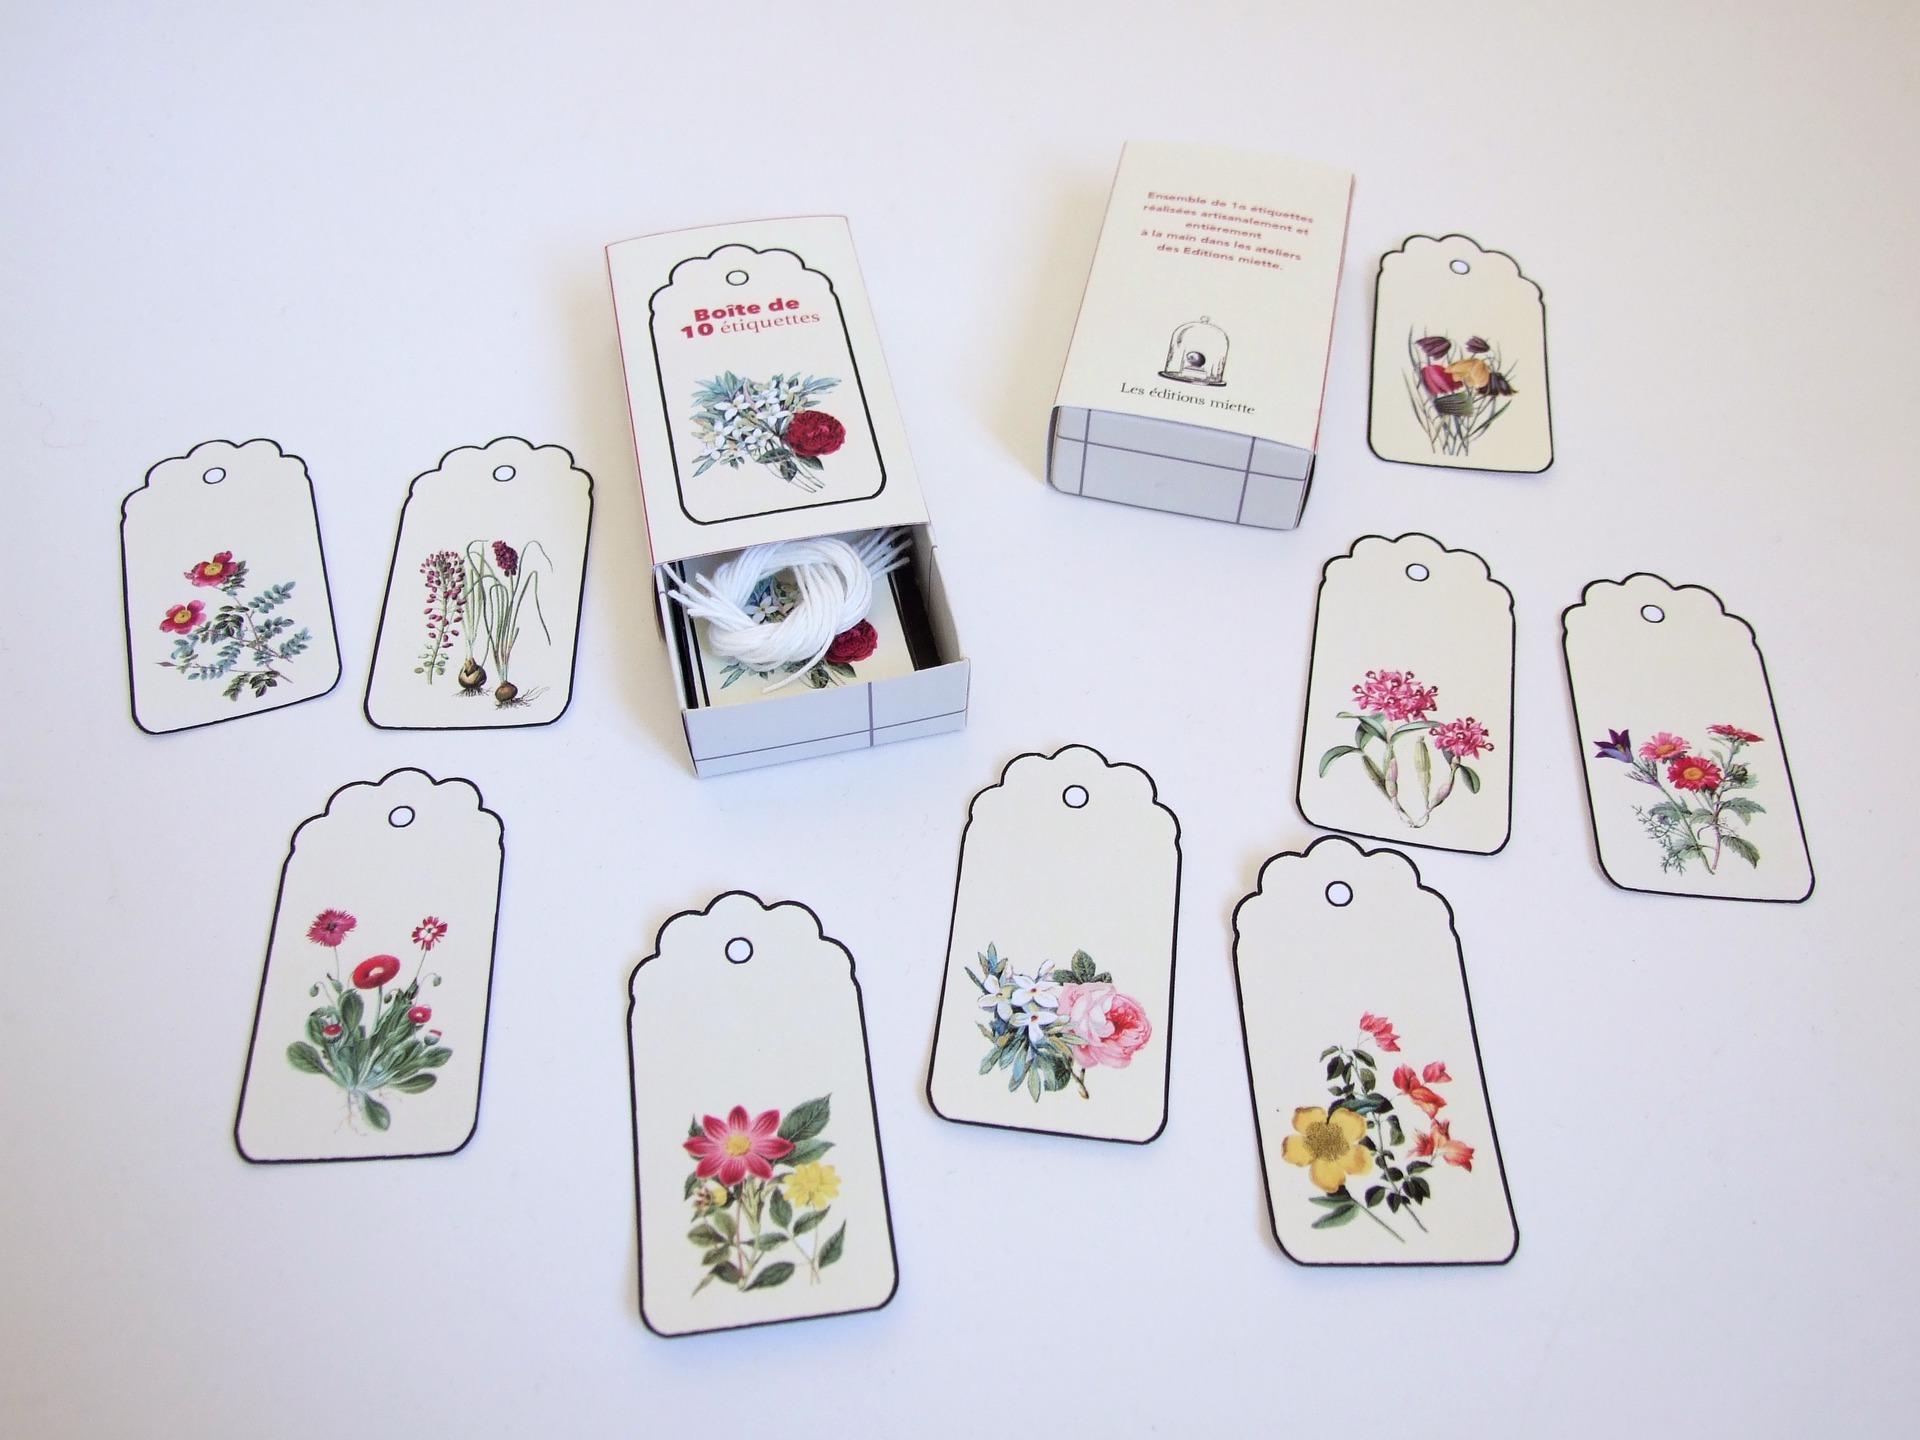 emballages-cadeaux-boite-de-10-petites-etiquettes-15797603-dscf7086-jpg-f66741-5f56c_big